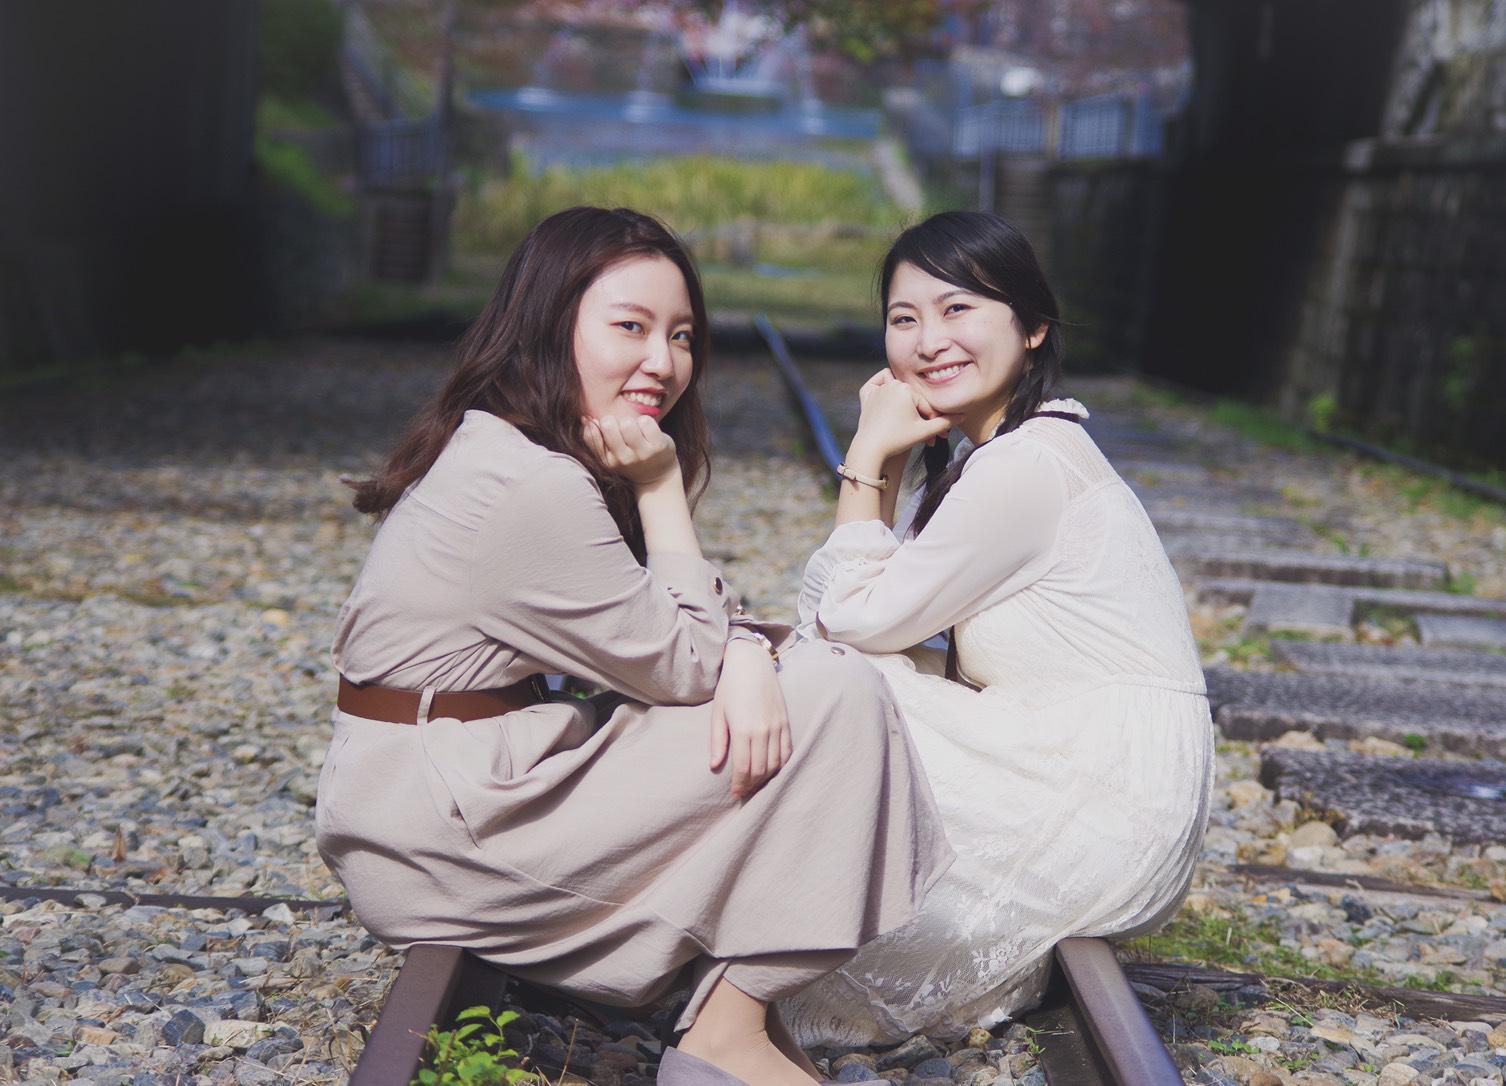 京都の大学生がモデルに!京都のポートレート撮影スポット3選